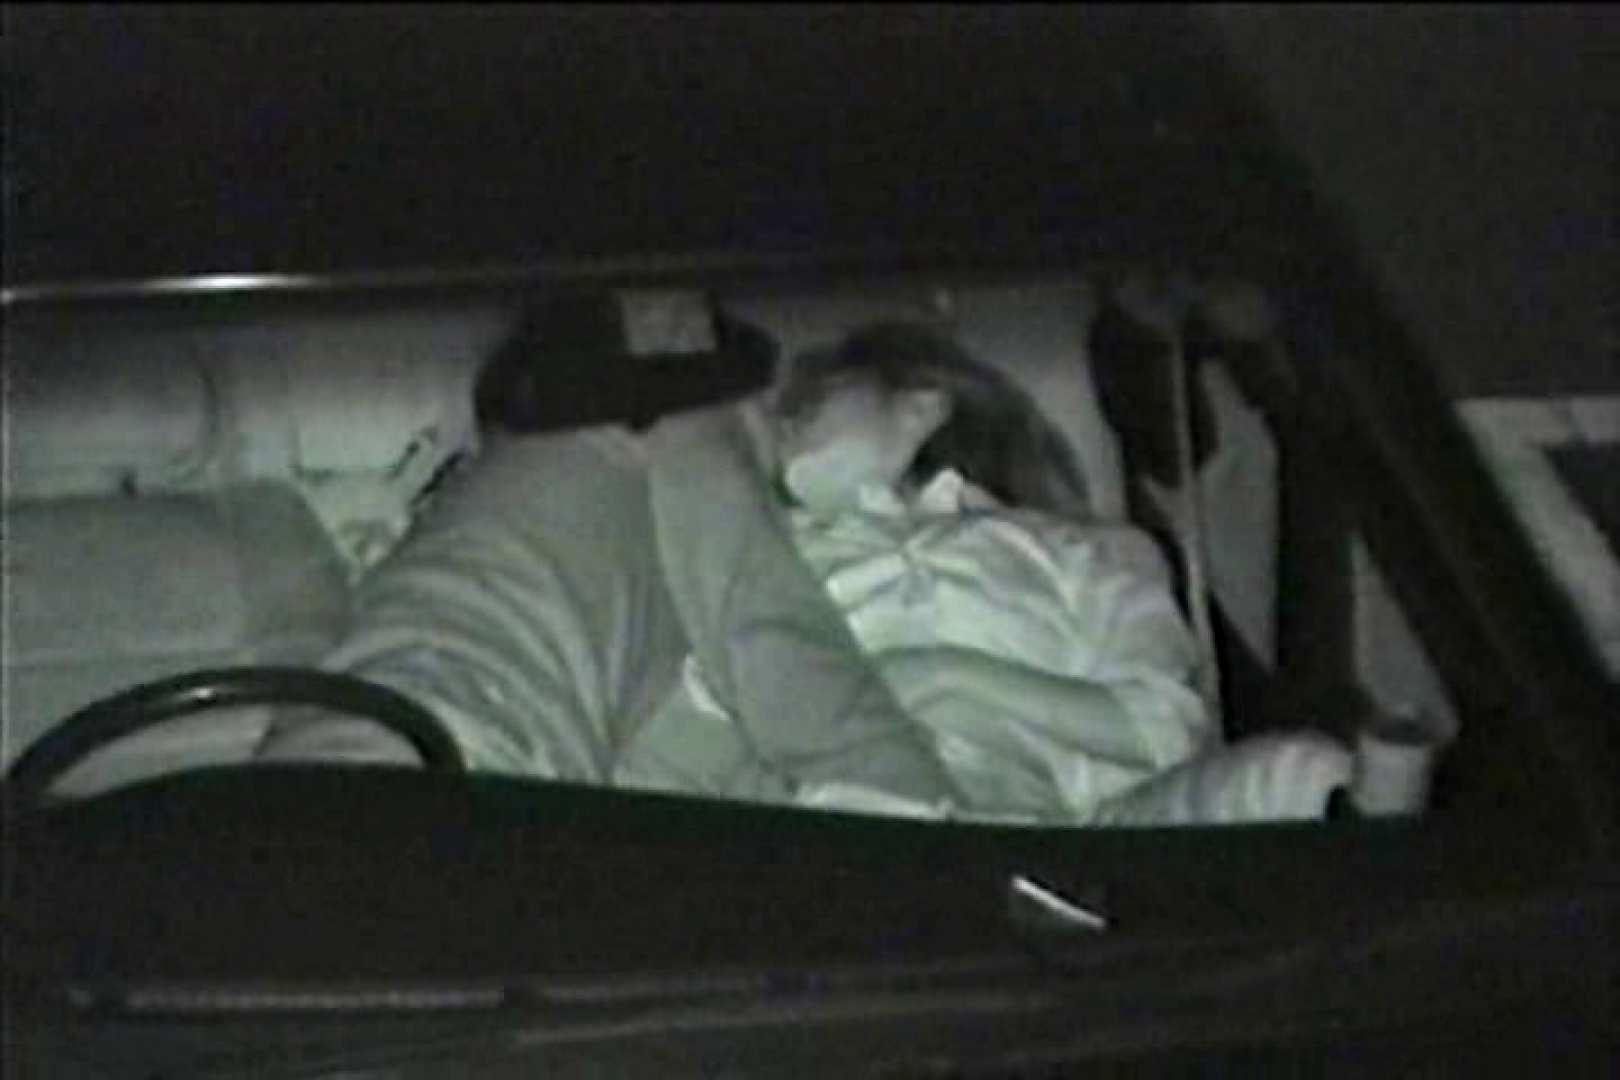 車の中はラブホテル 無修正版  Vol.7 ラブホテル隠し撮り われめAV動画紹介 84pic 63